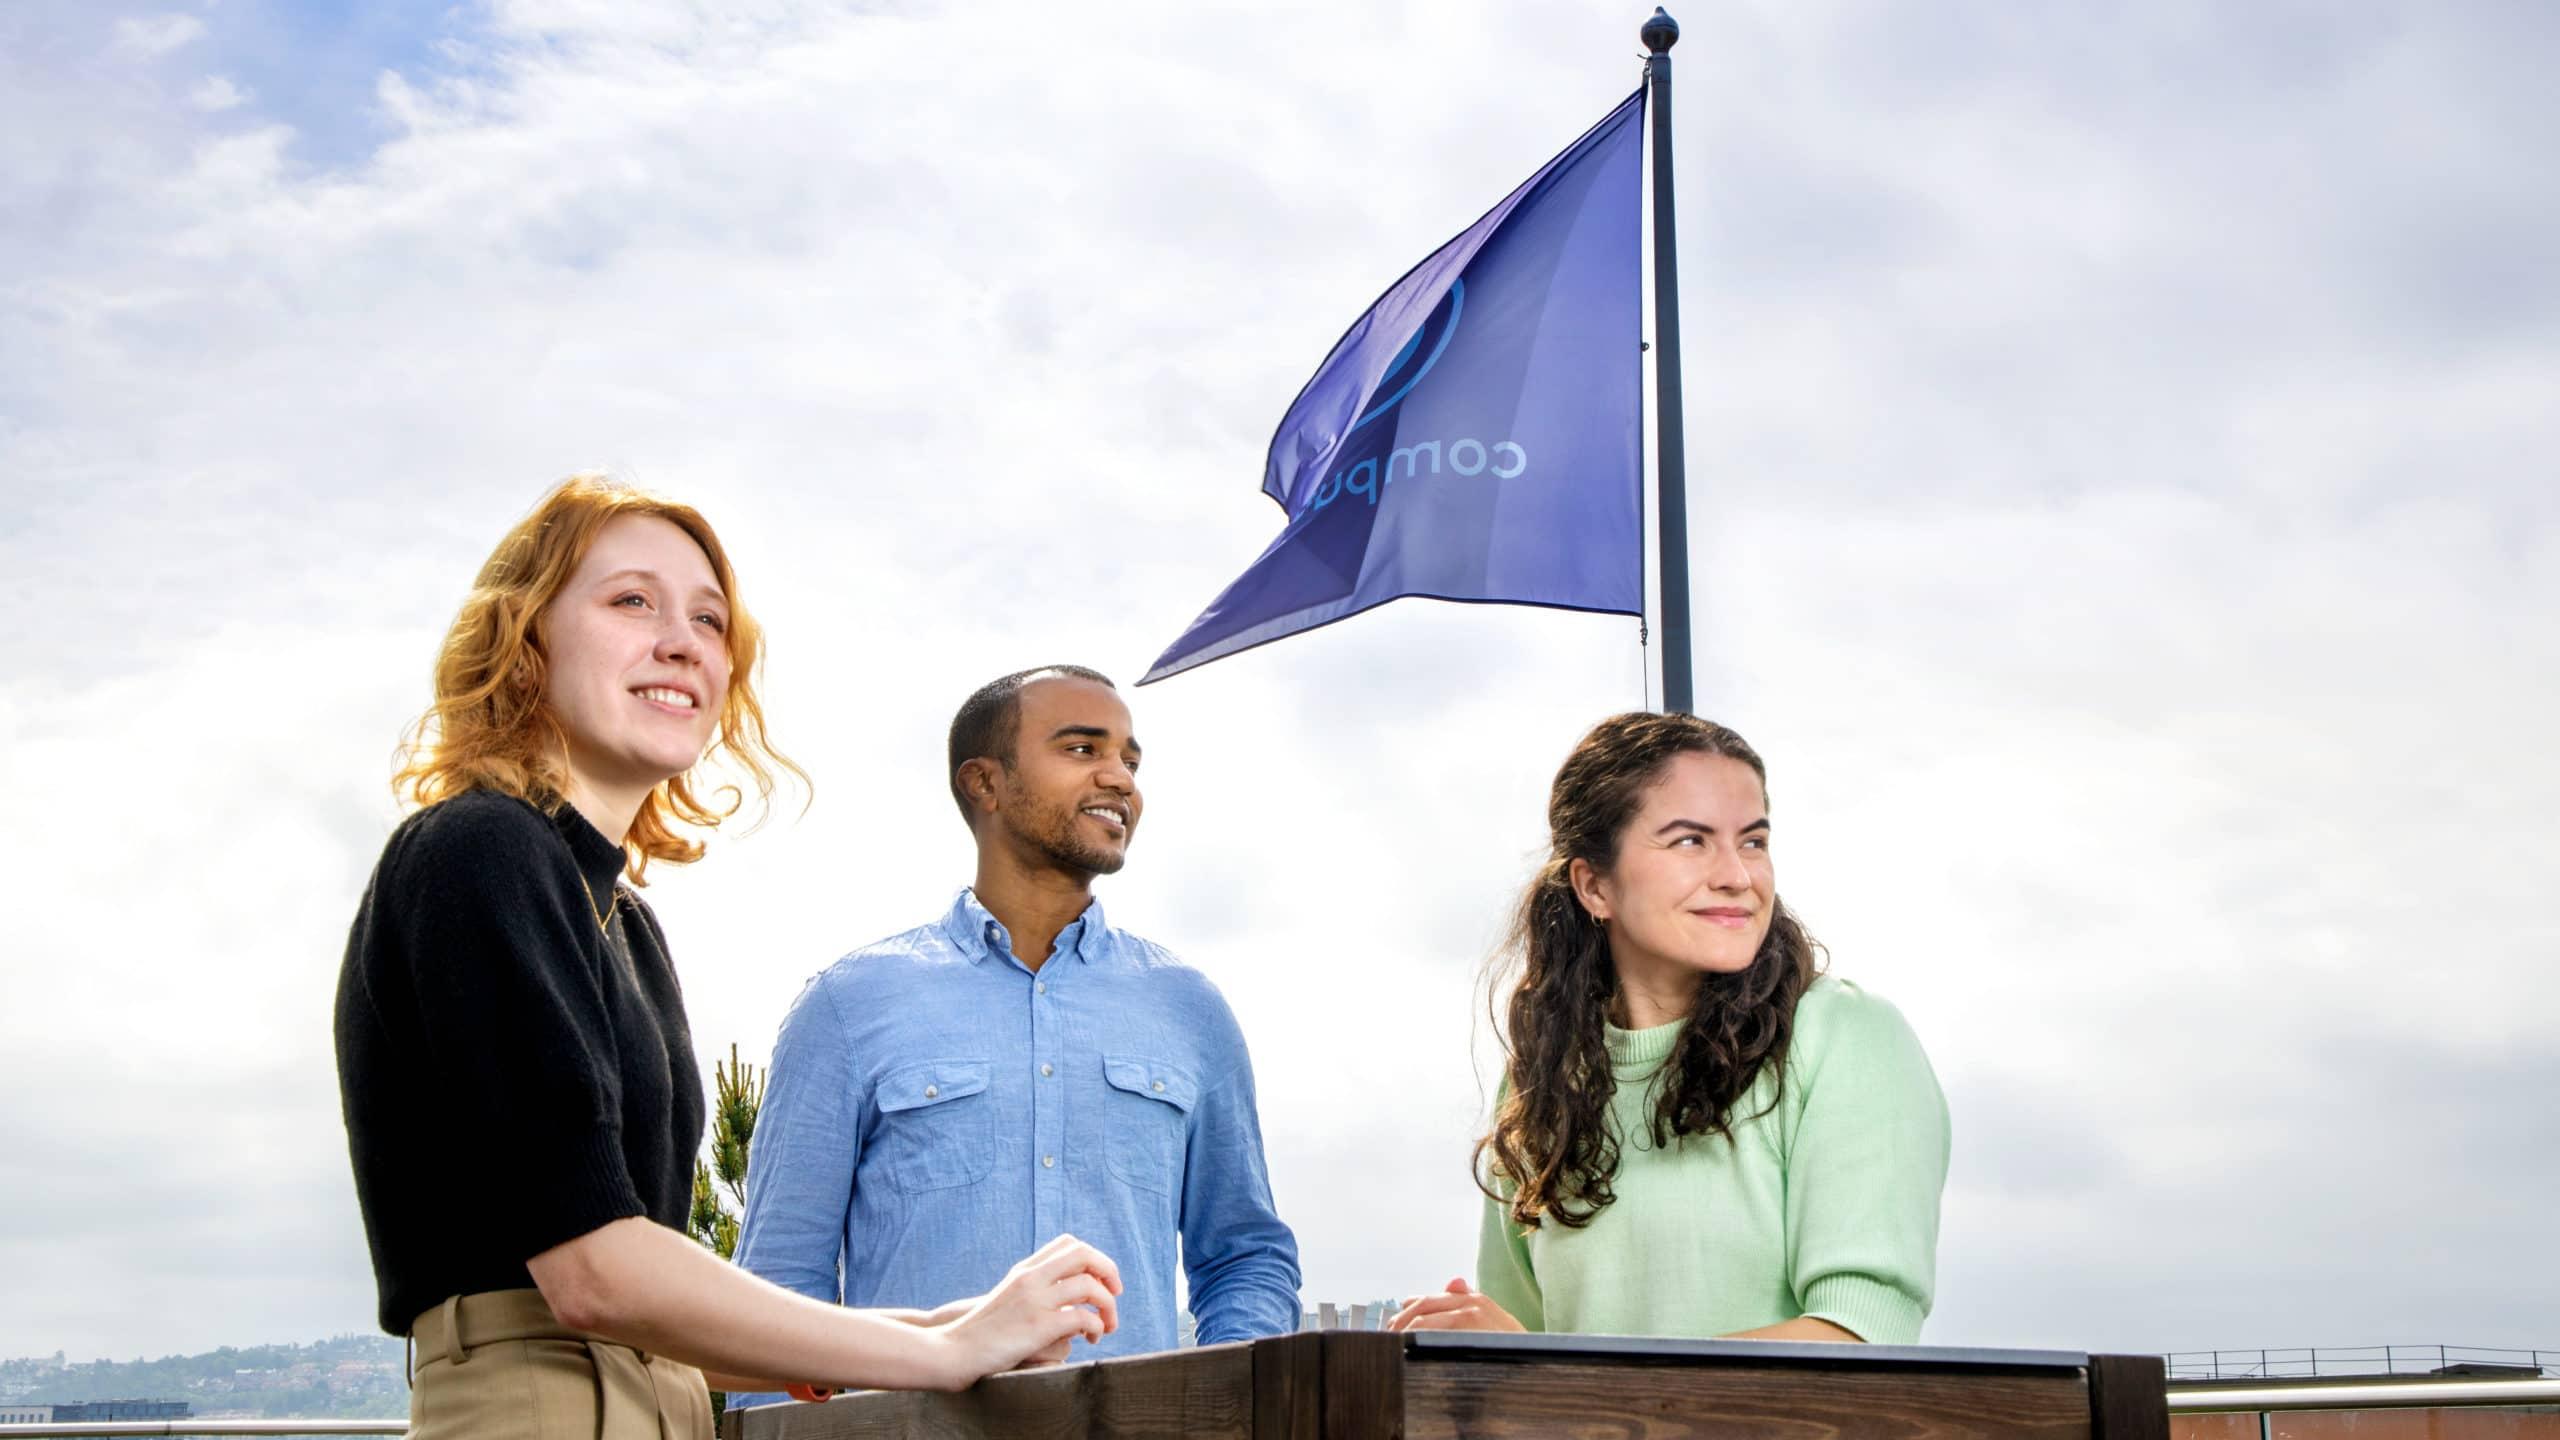 tre ansatte står på takterassen med computas-flagg i bakgrunnen